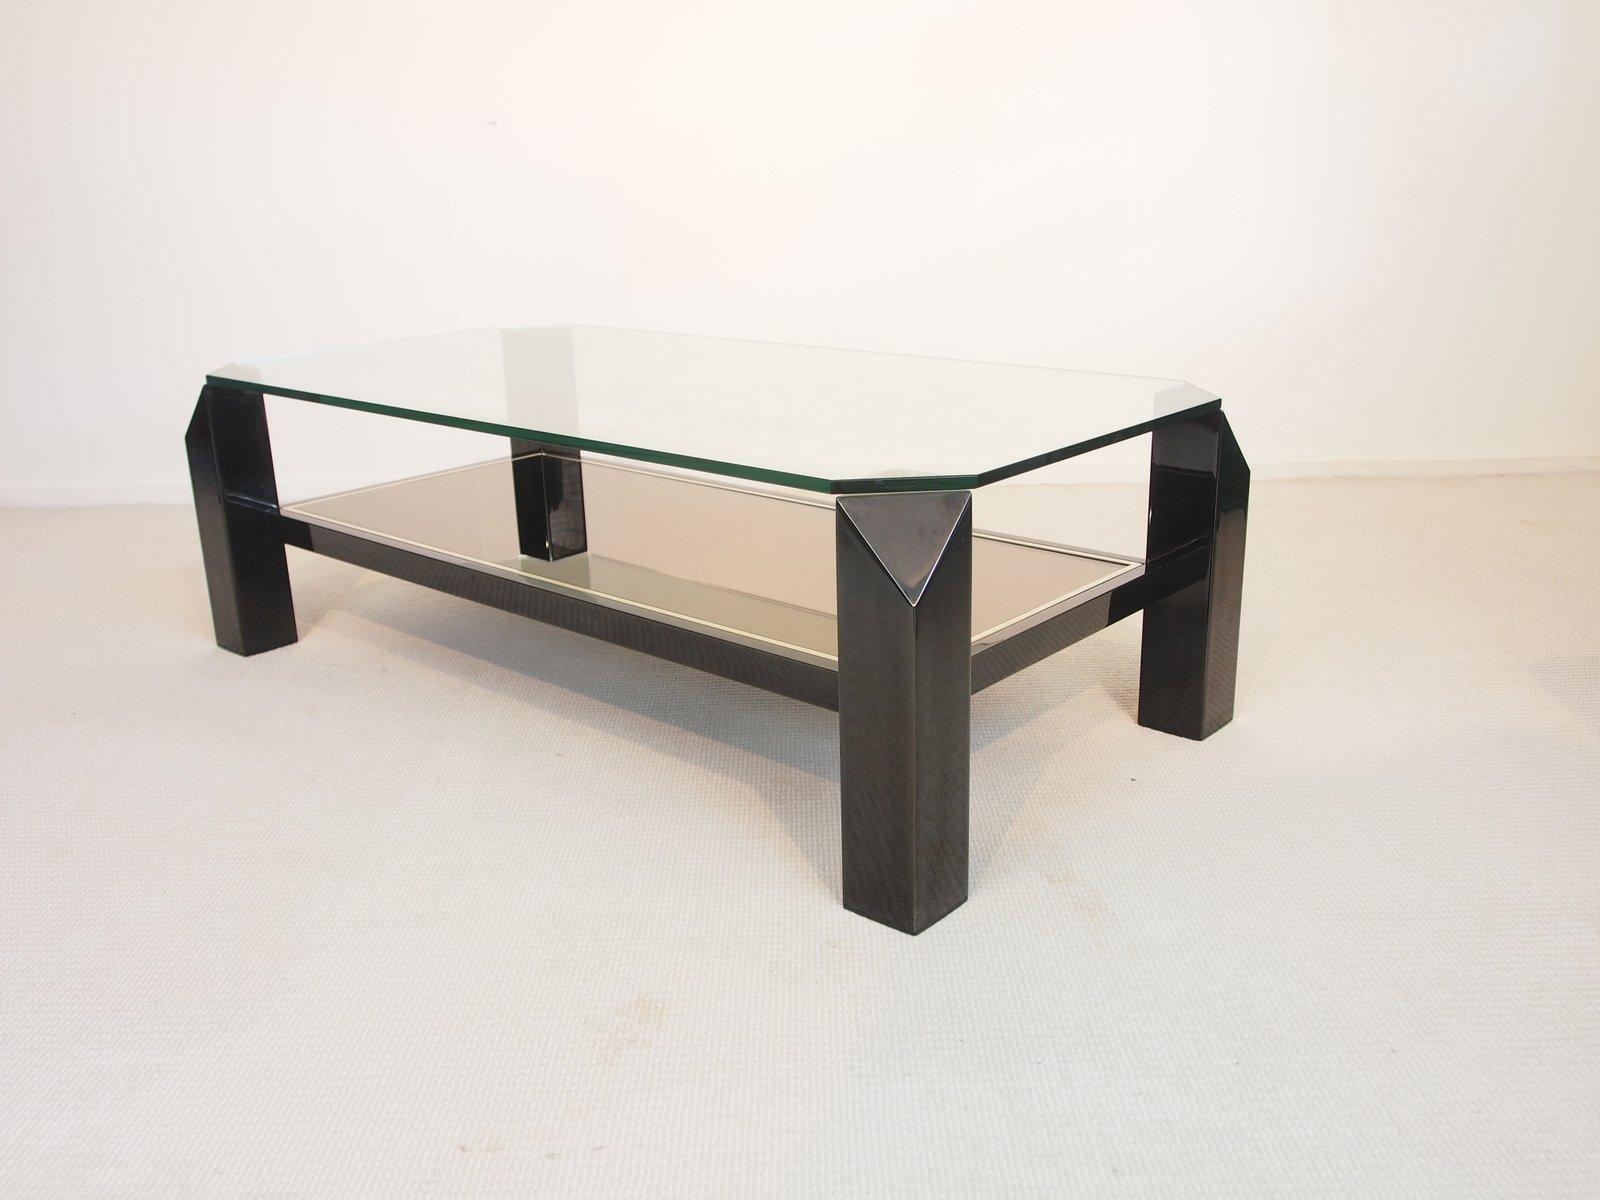 table basse vintage de belgochrom en vente sur pamono. Black Bedroom Furniture Sets. Home Design Ideas